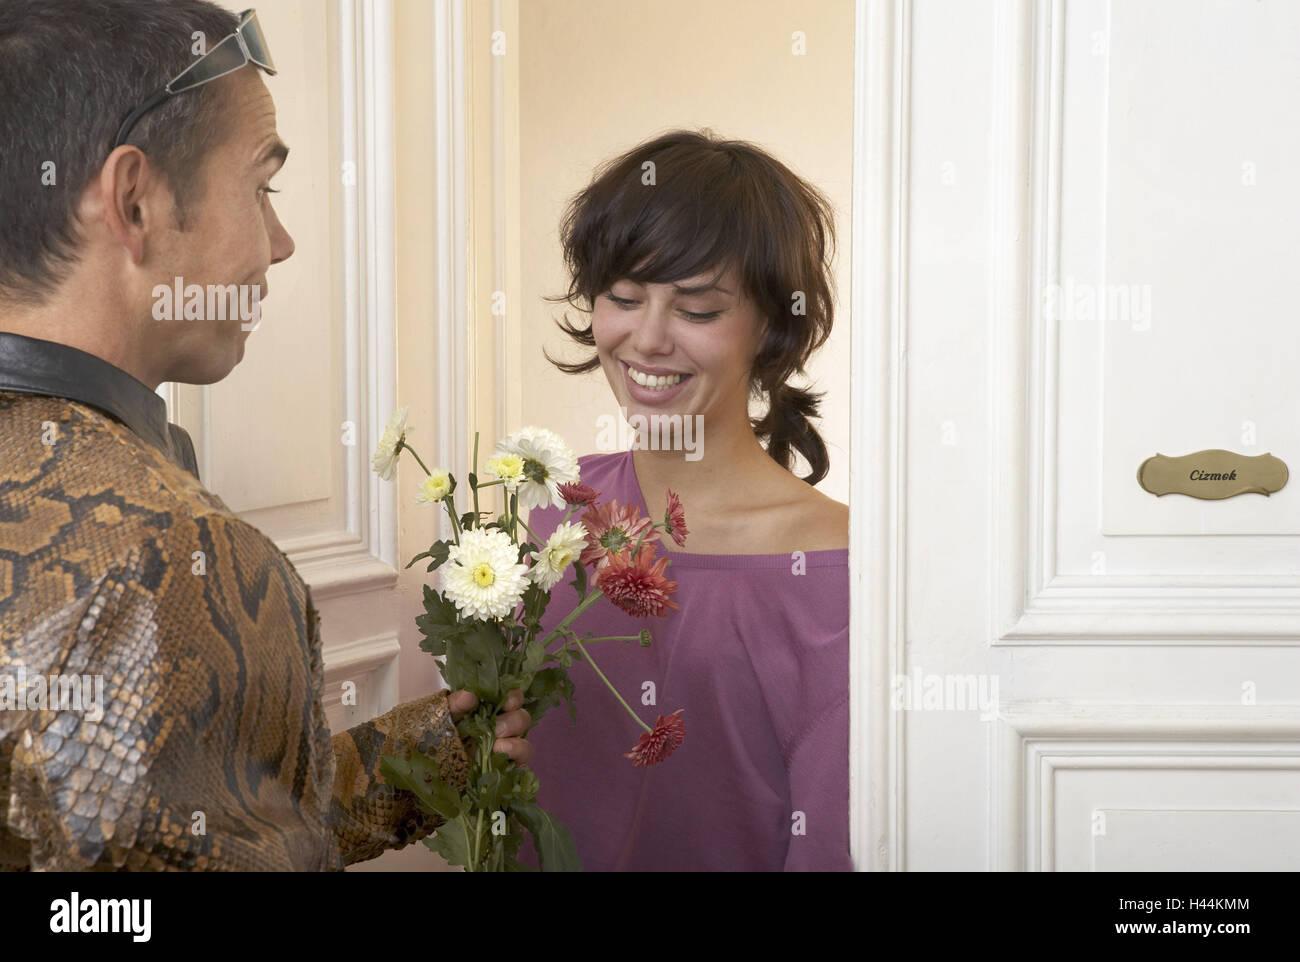 Frau Lacheln Blumenstrauss Gebrochen Tur Mann Ubertragt 20 30